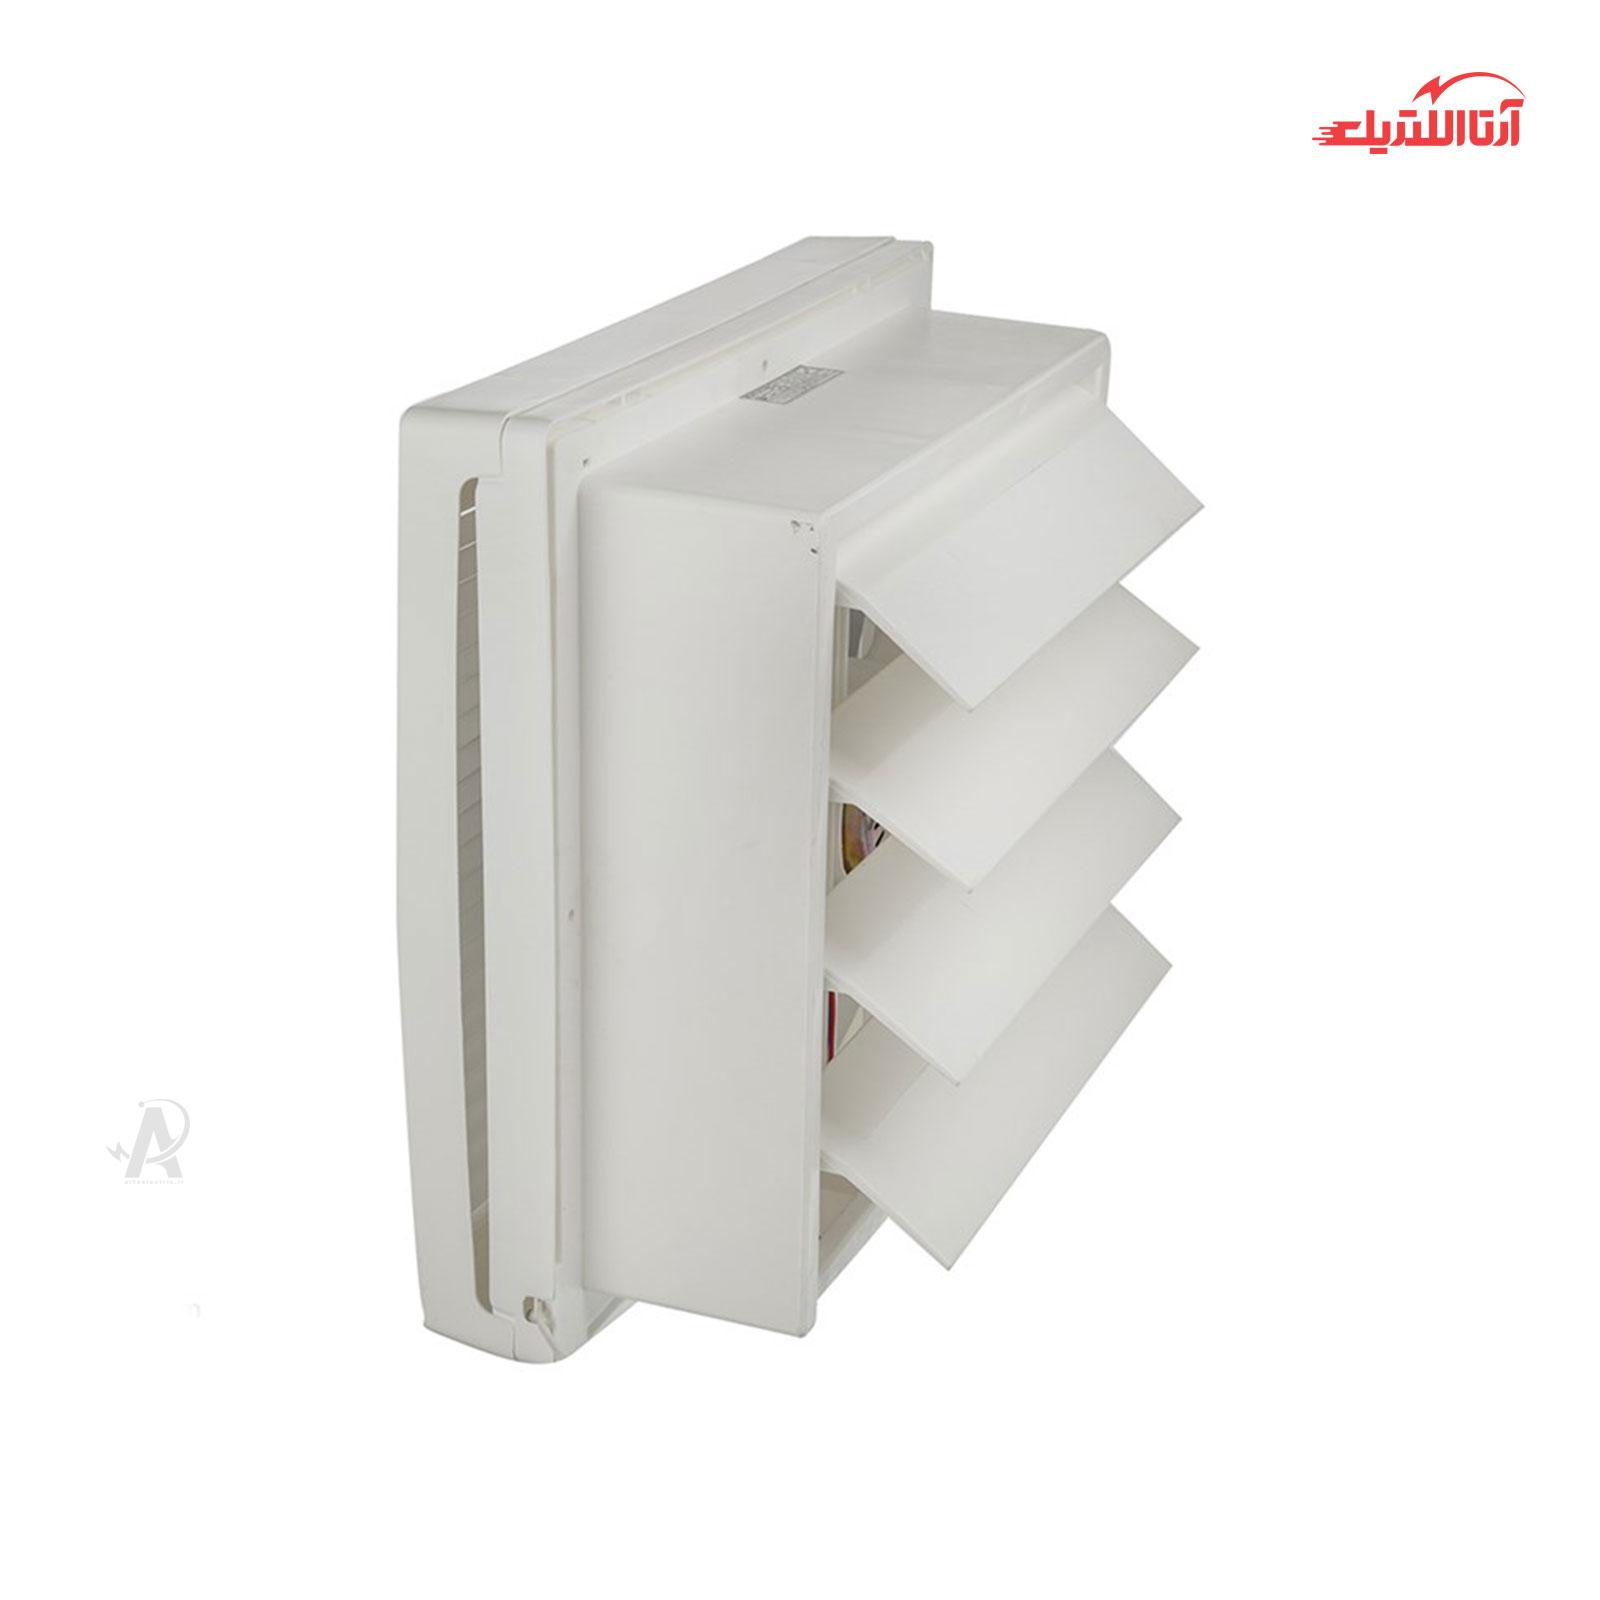 هواکش خانگی اتولوکس دریچه دار 20 سانت اتوماتیک بدون کلید دمنده VAL-20C4S